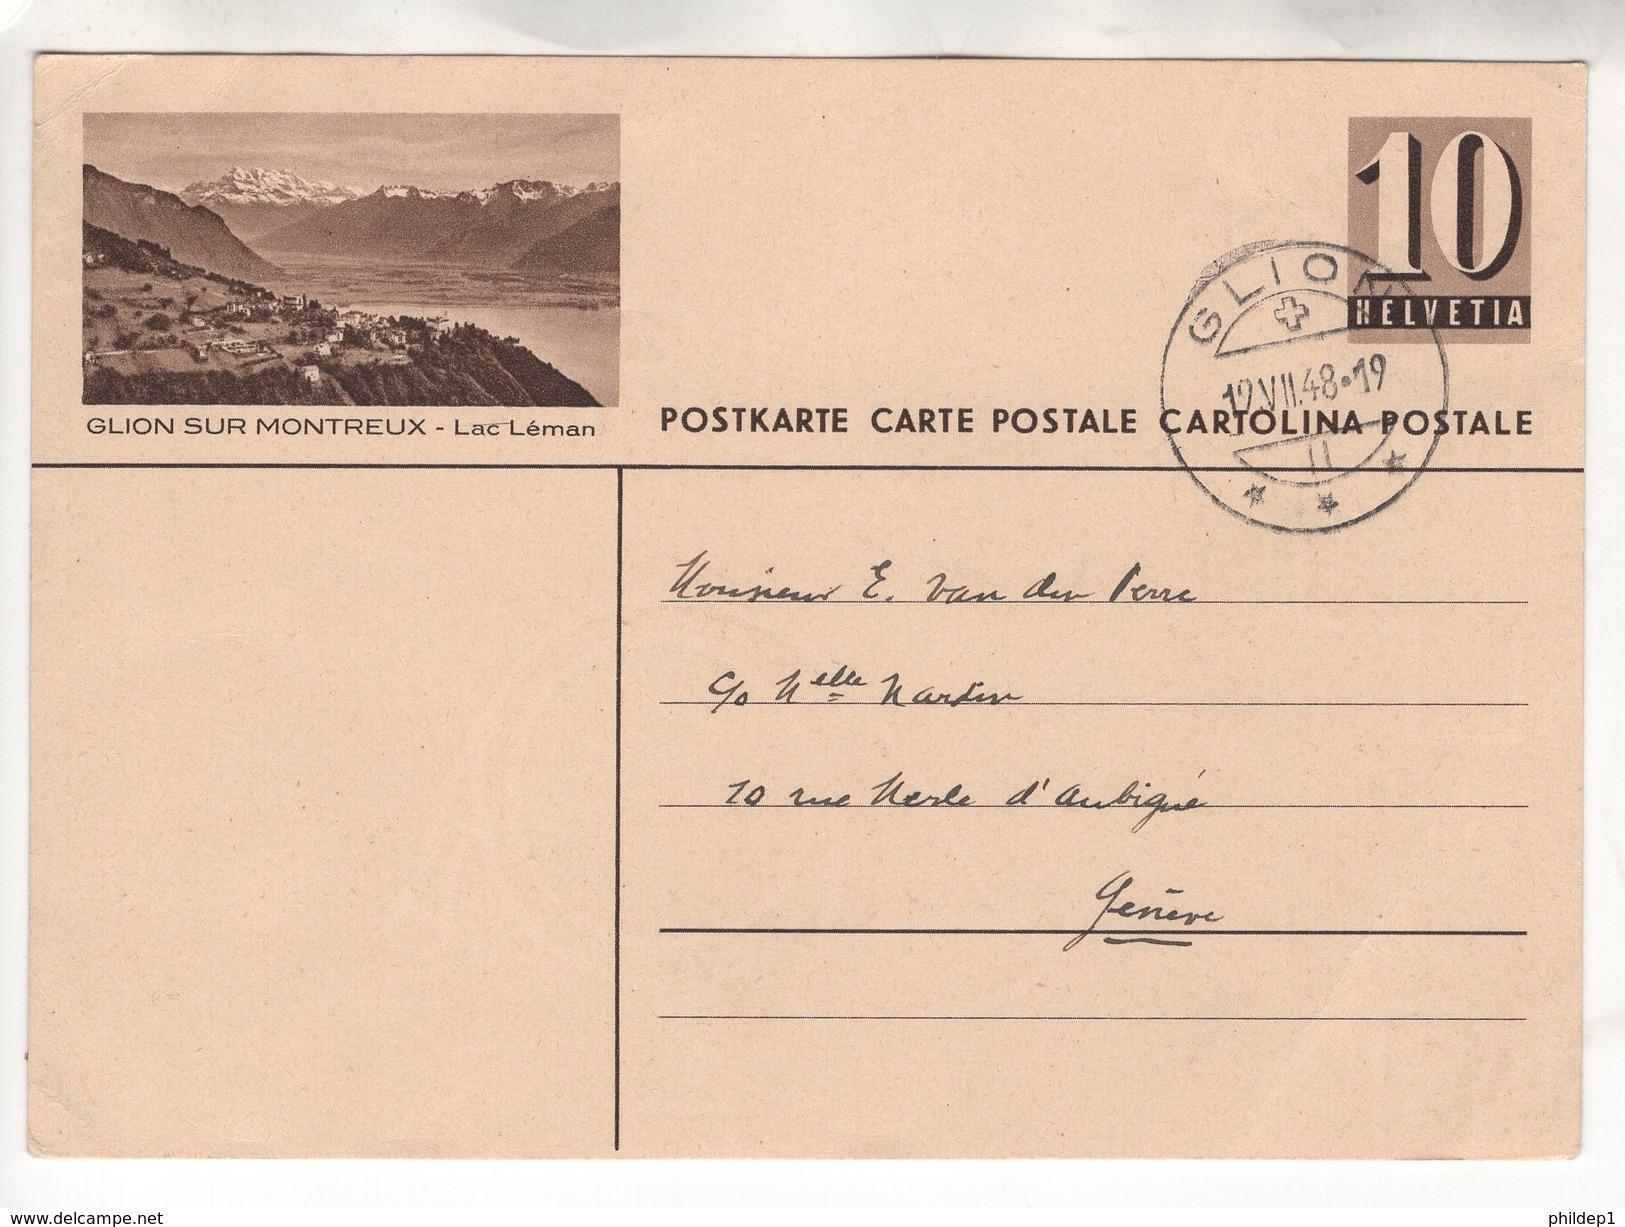 Entier Postal Illustré De 10 Cts Glion Sur Montreux - Lac Léman. Circulé En 1948 - Suisse